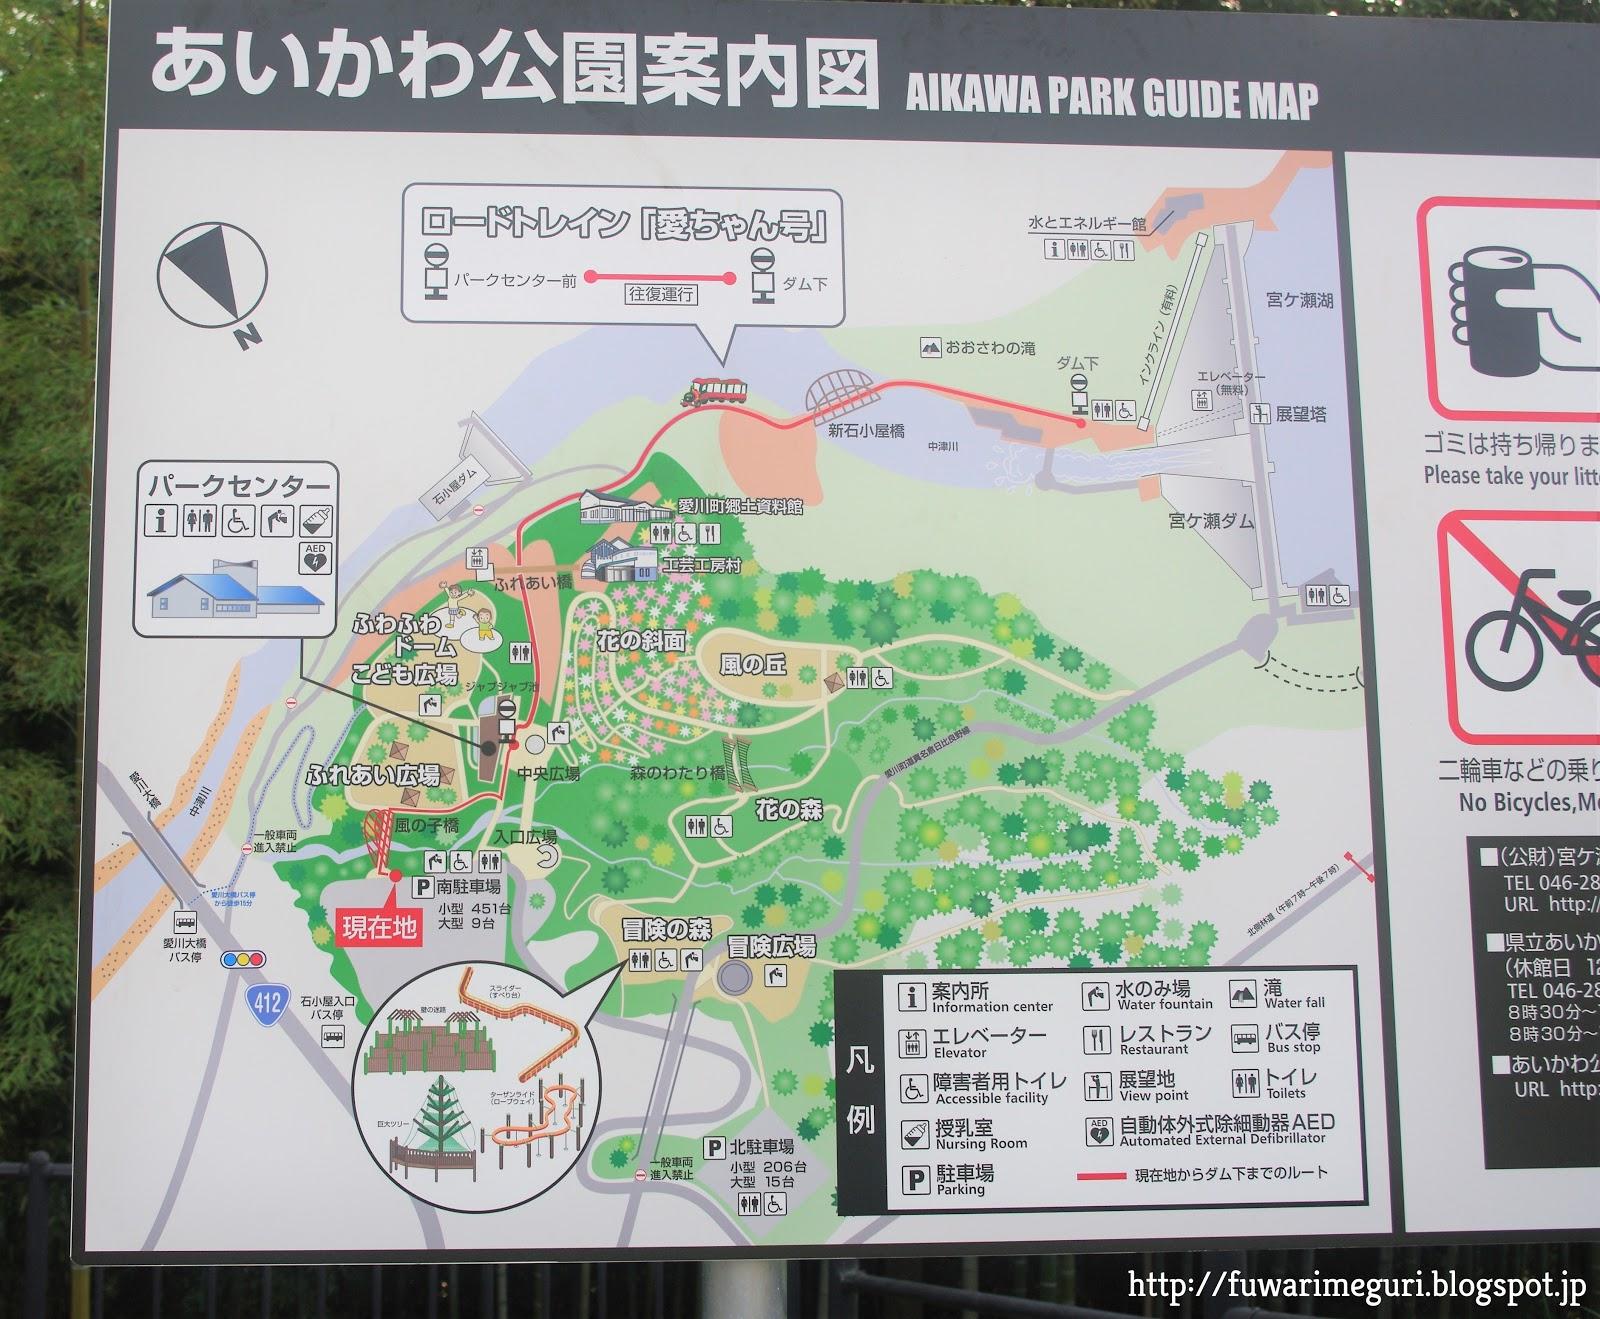 ふわりとめぐってみる: 神奈川県立あいかわ公園に熊ベルを買いに行っ ...